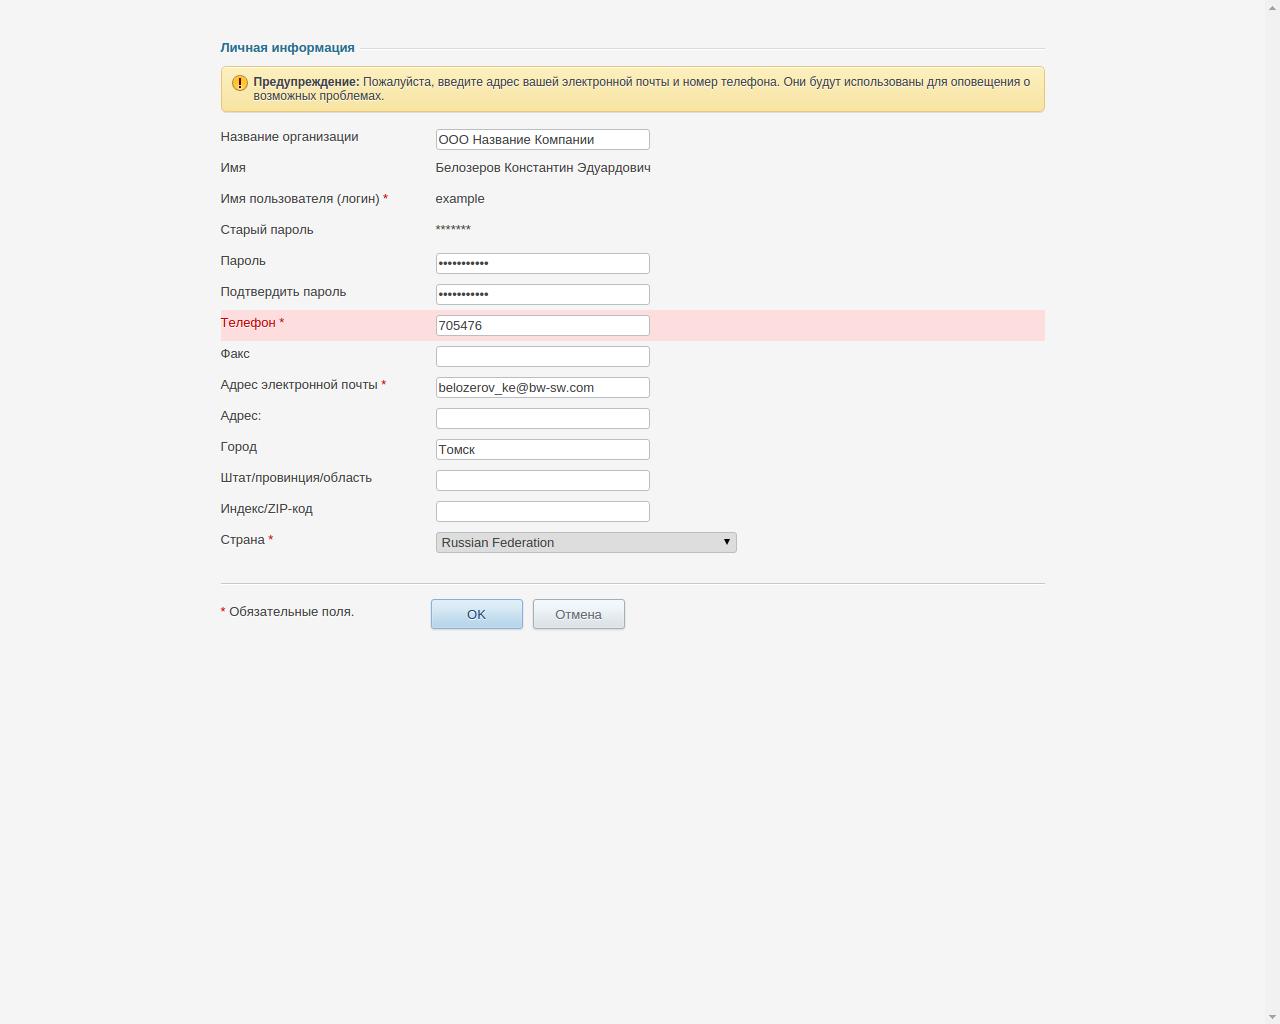 Регистрационная информация пользователя